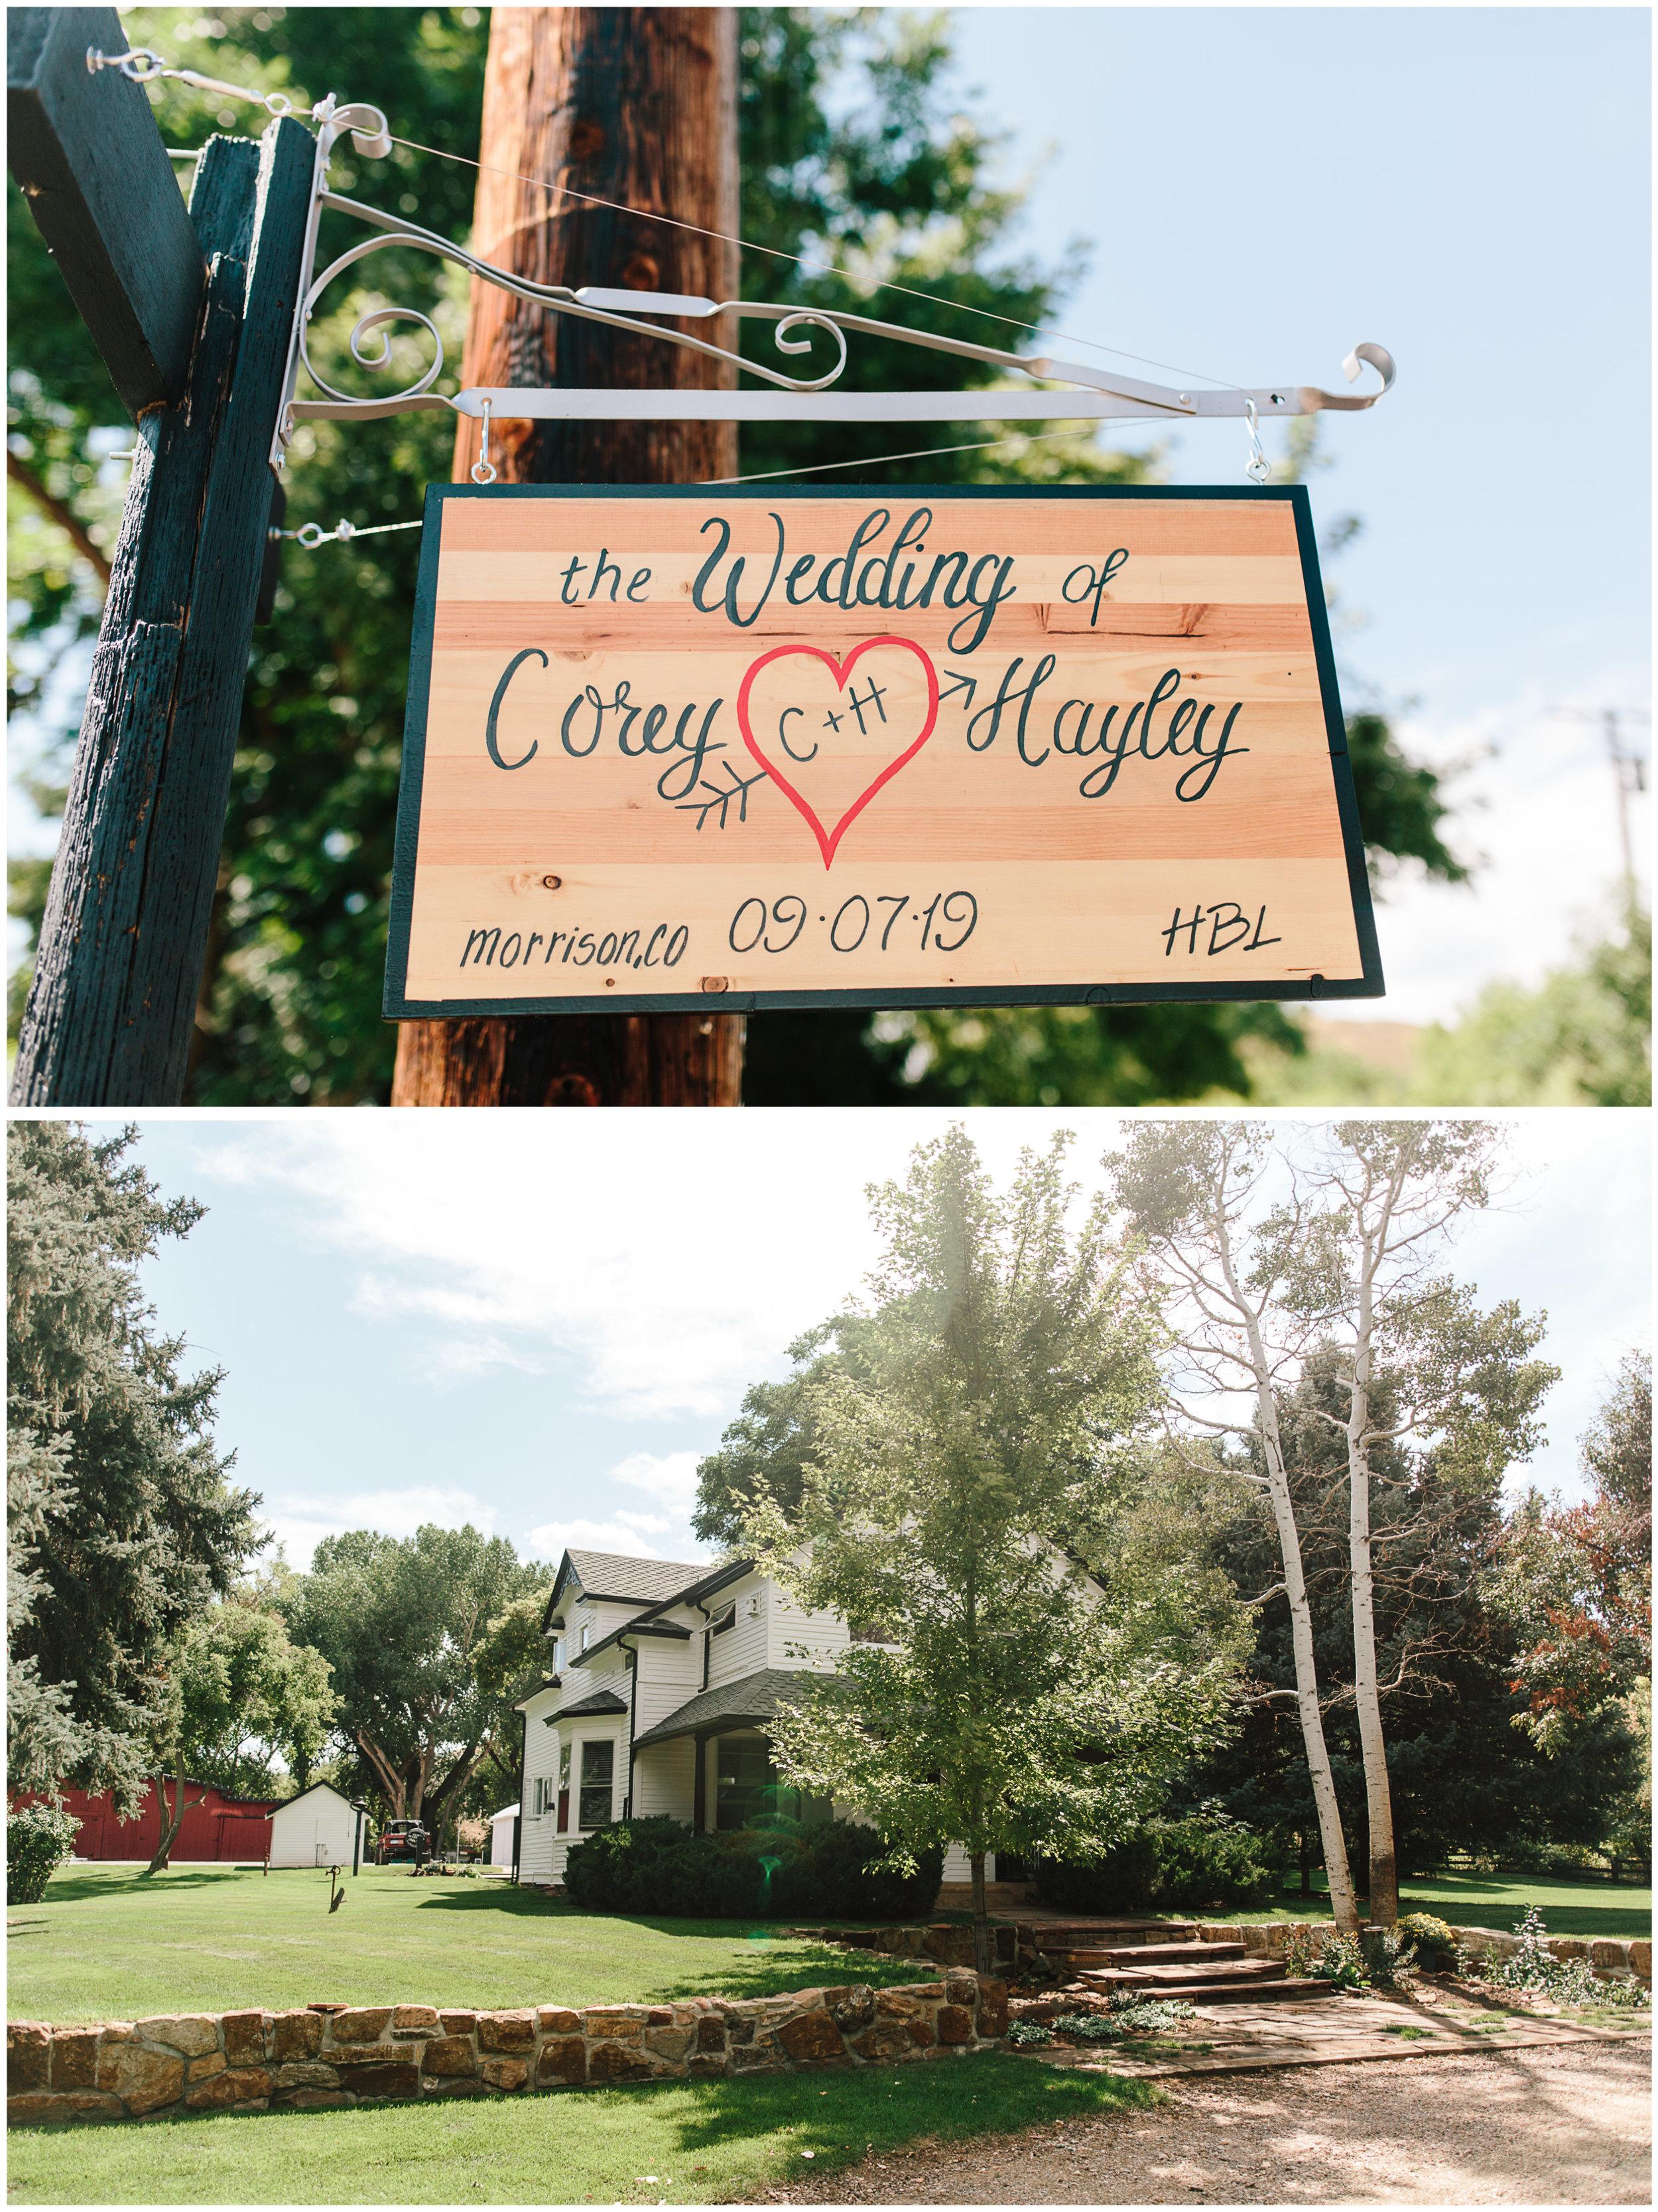 Morrison_Colorado_Wedding_1.jpg